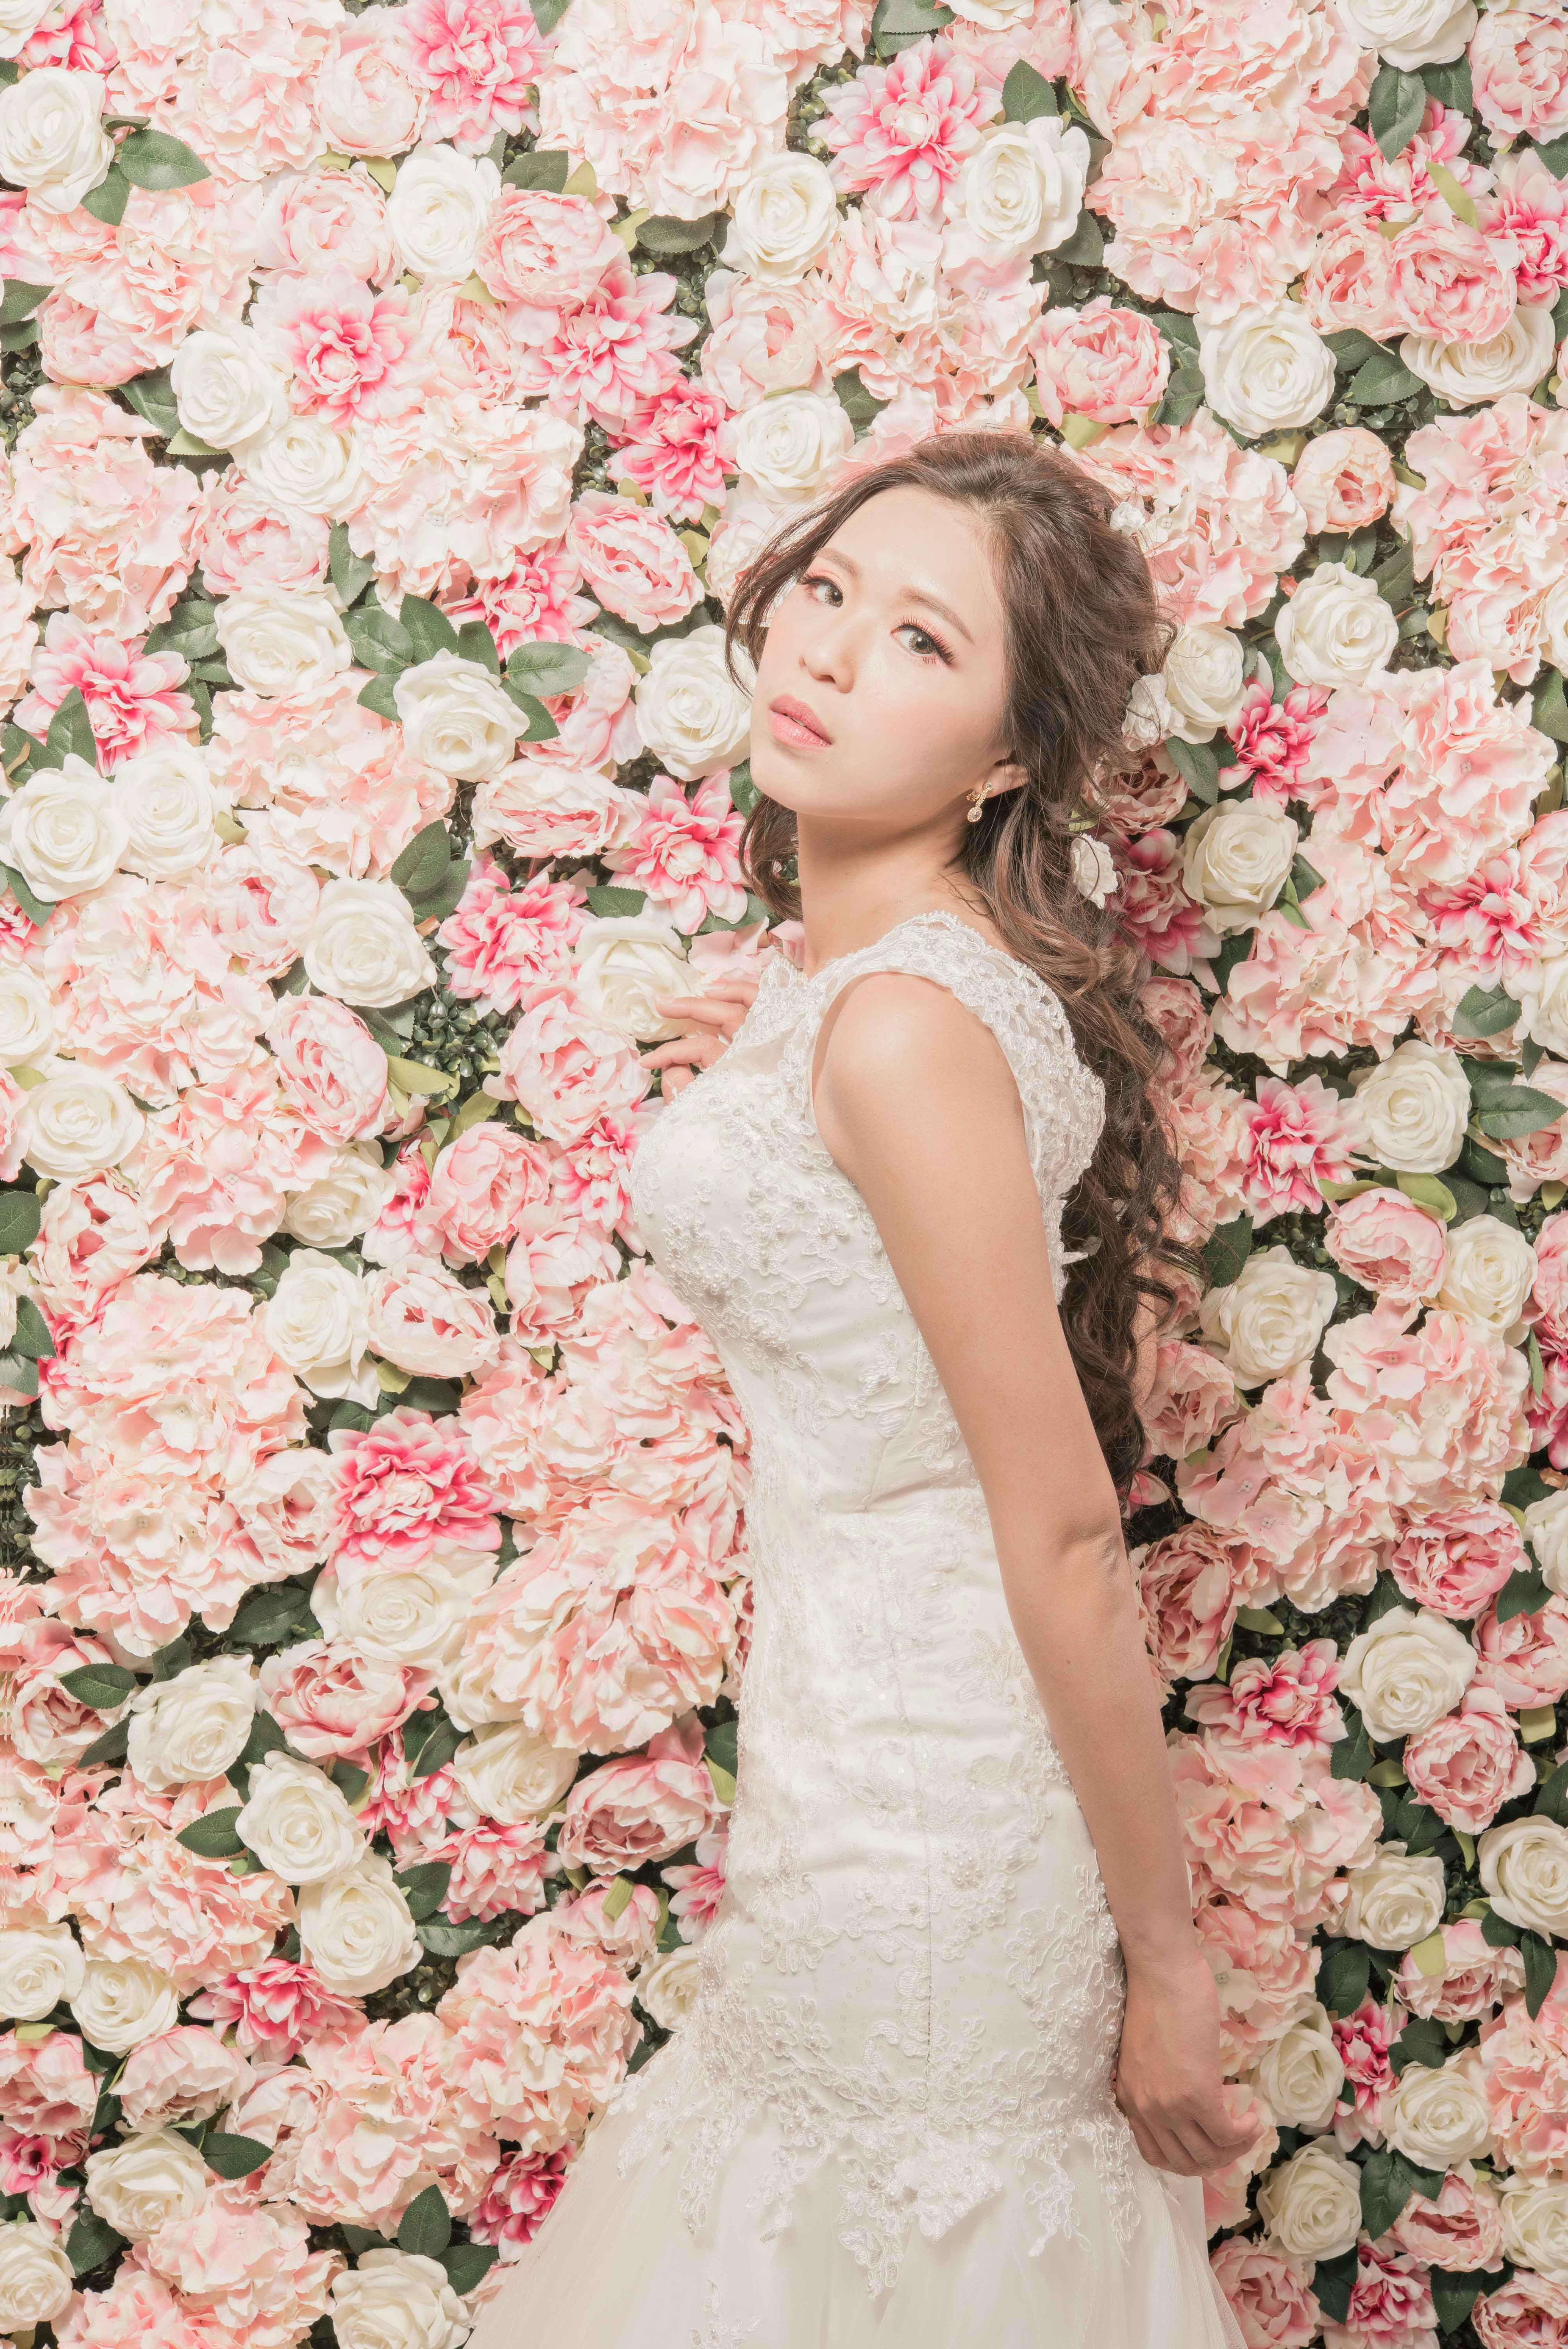 台中婚紗花牆推薦,台中婚紗拍攝,台中婚紗攝影,超美夢幻花牆婚紗